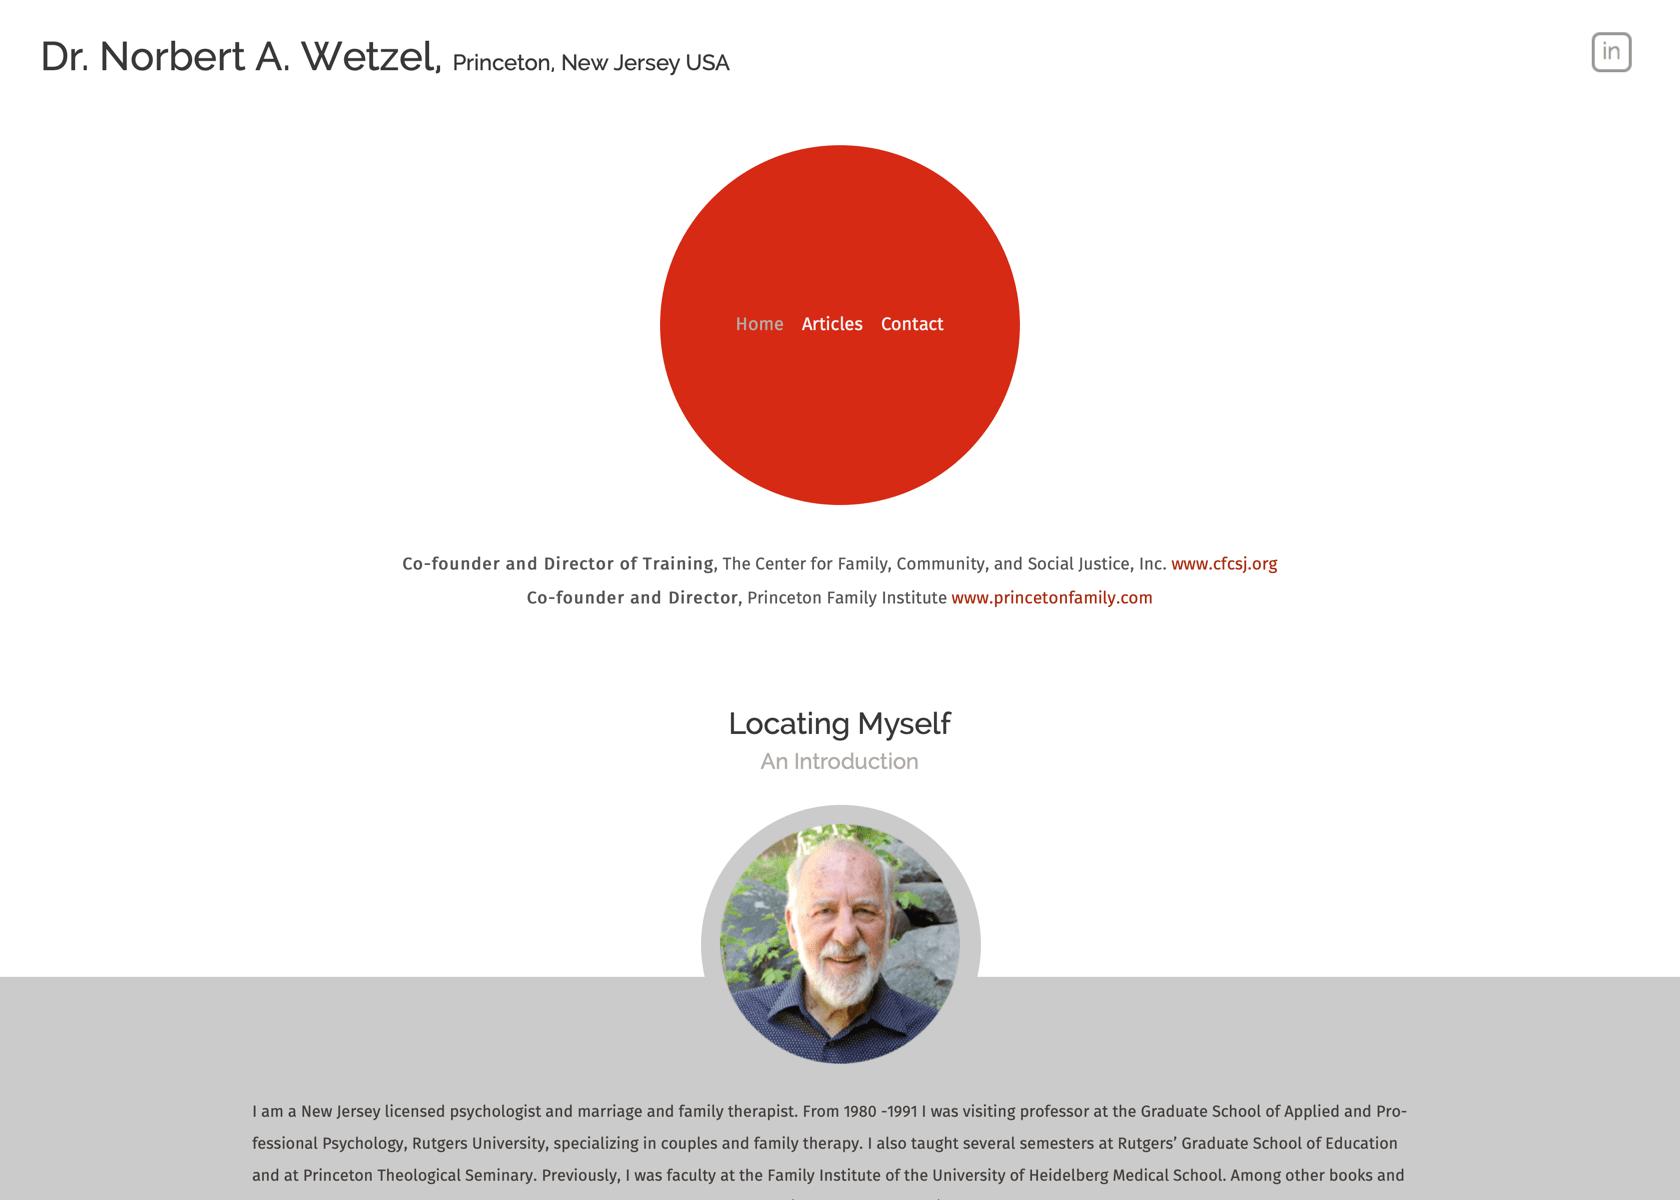 Dr. Norbert Wetzel